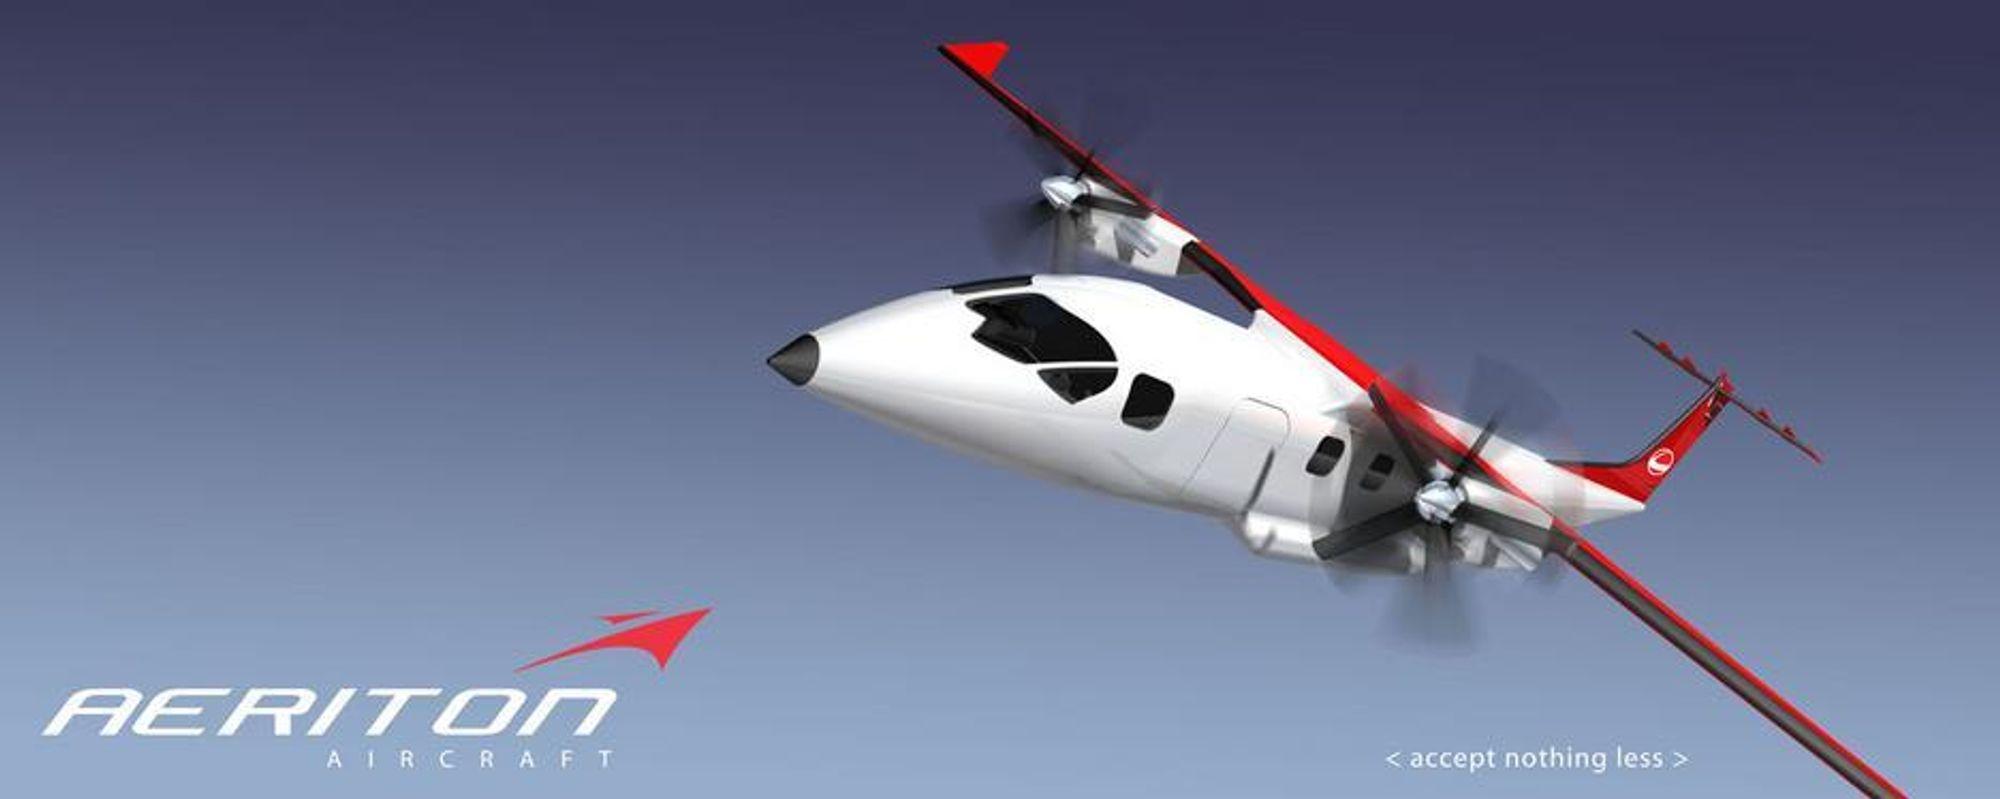 NORSK: Aeriton Aircraft planlegger å bygge et norsk fly.